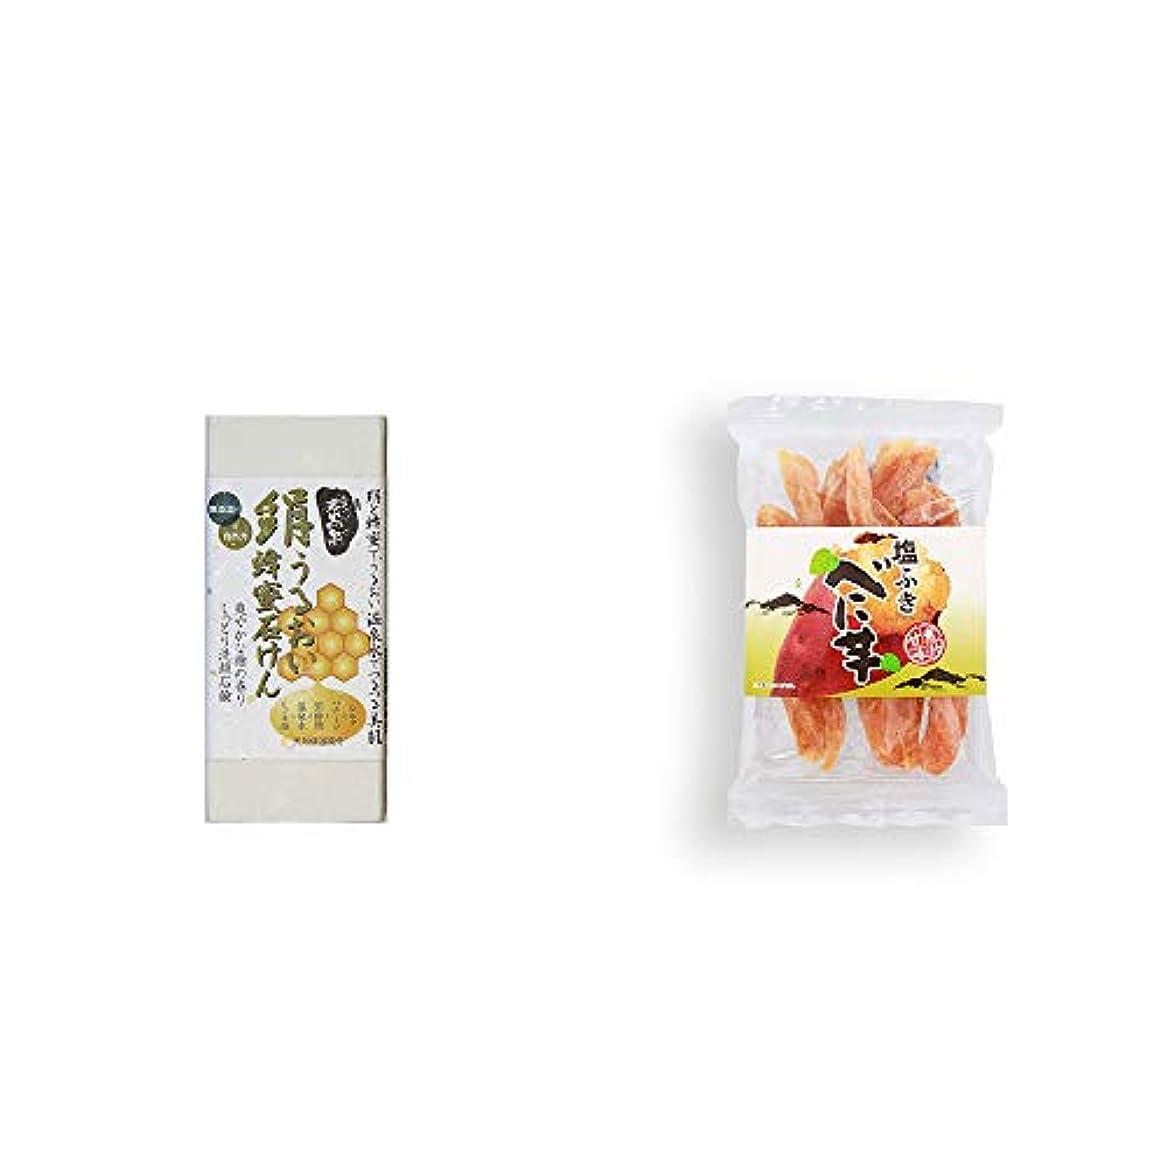 トンネルスロープ罪人[2点セット] ひのき炭黒泉 絹うるおい蜂蜜石けん(75g×2)?塩ふき べに芋(250g)